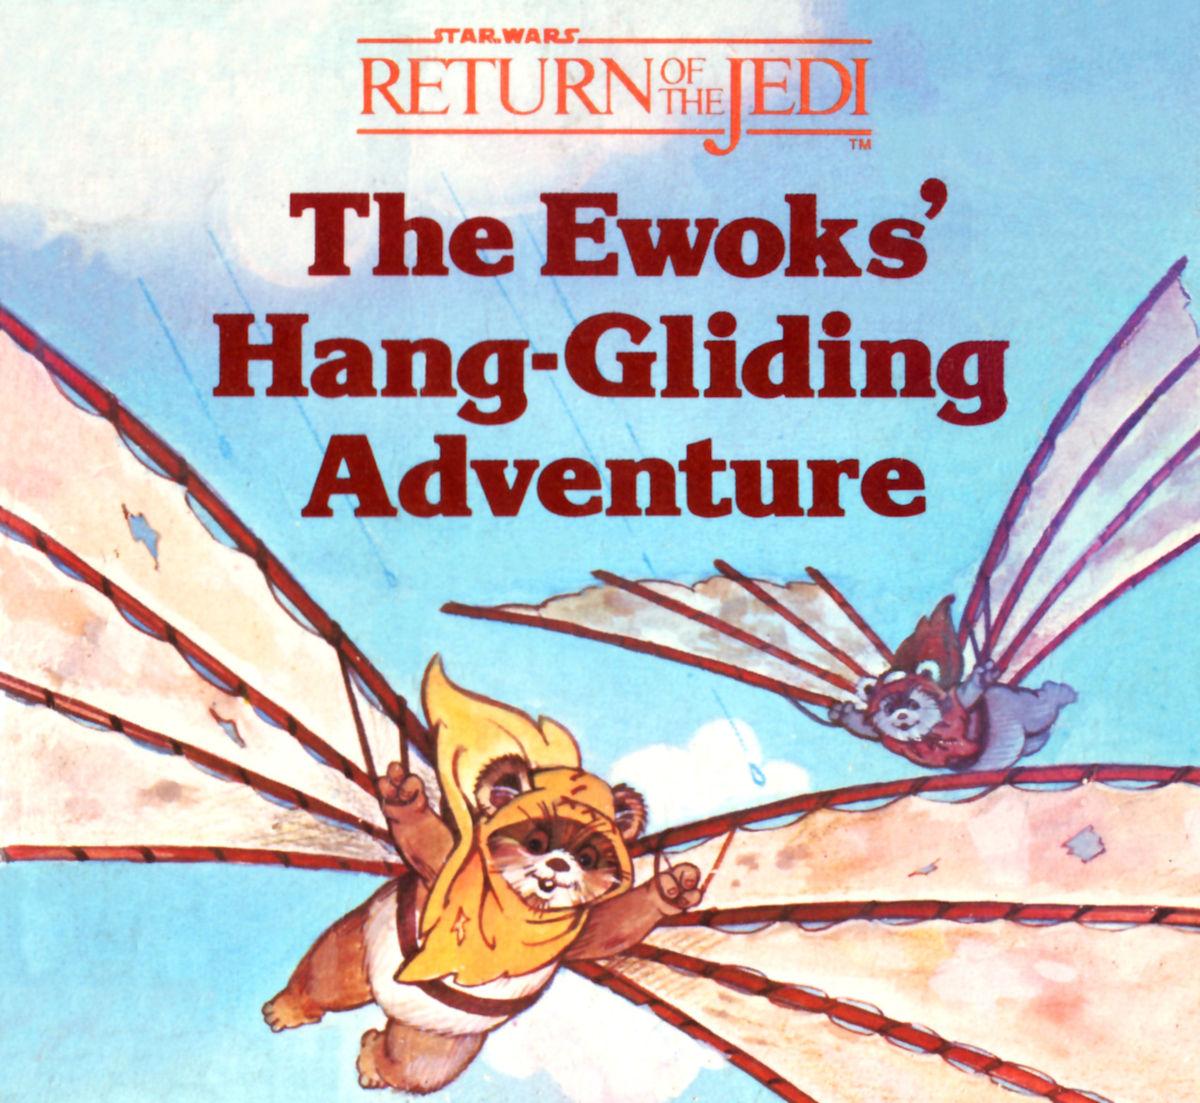 The Ewok's Hang-gliding Adventure